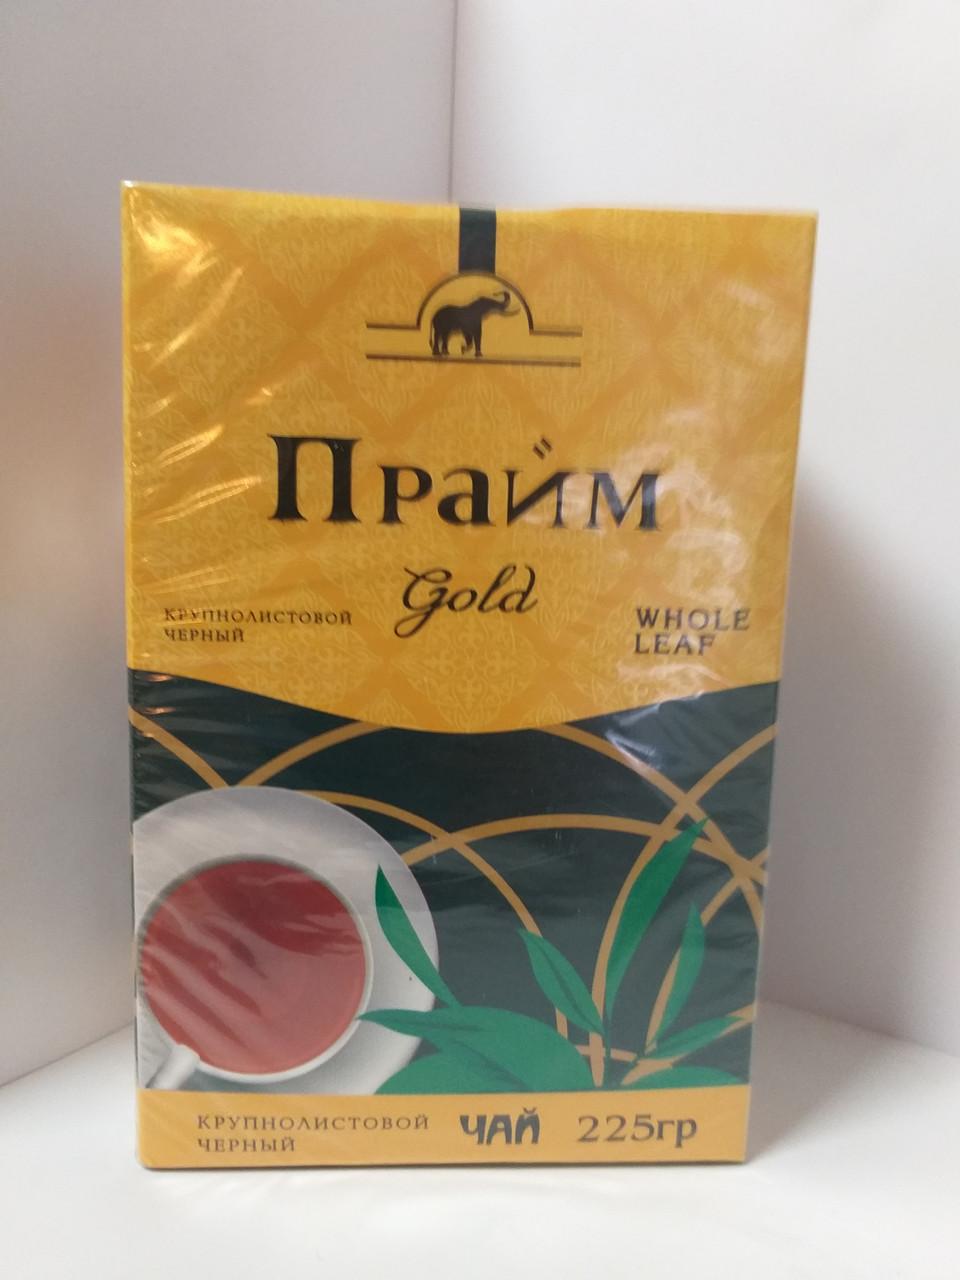 Индийкй крупнолистовой черный чай, Прайм голд, 225гр